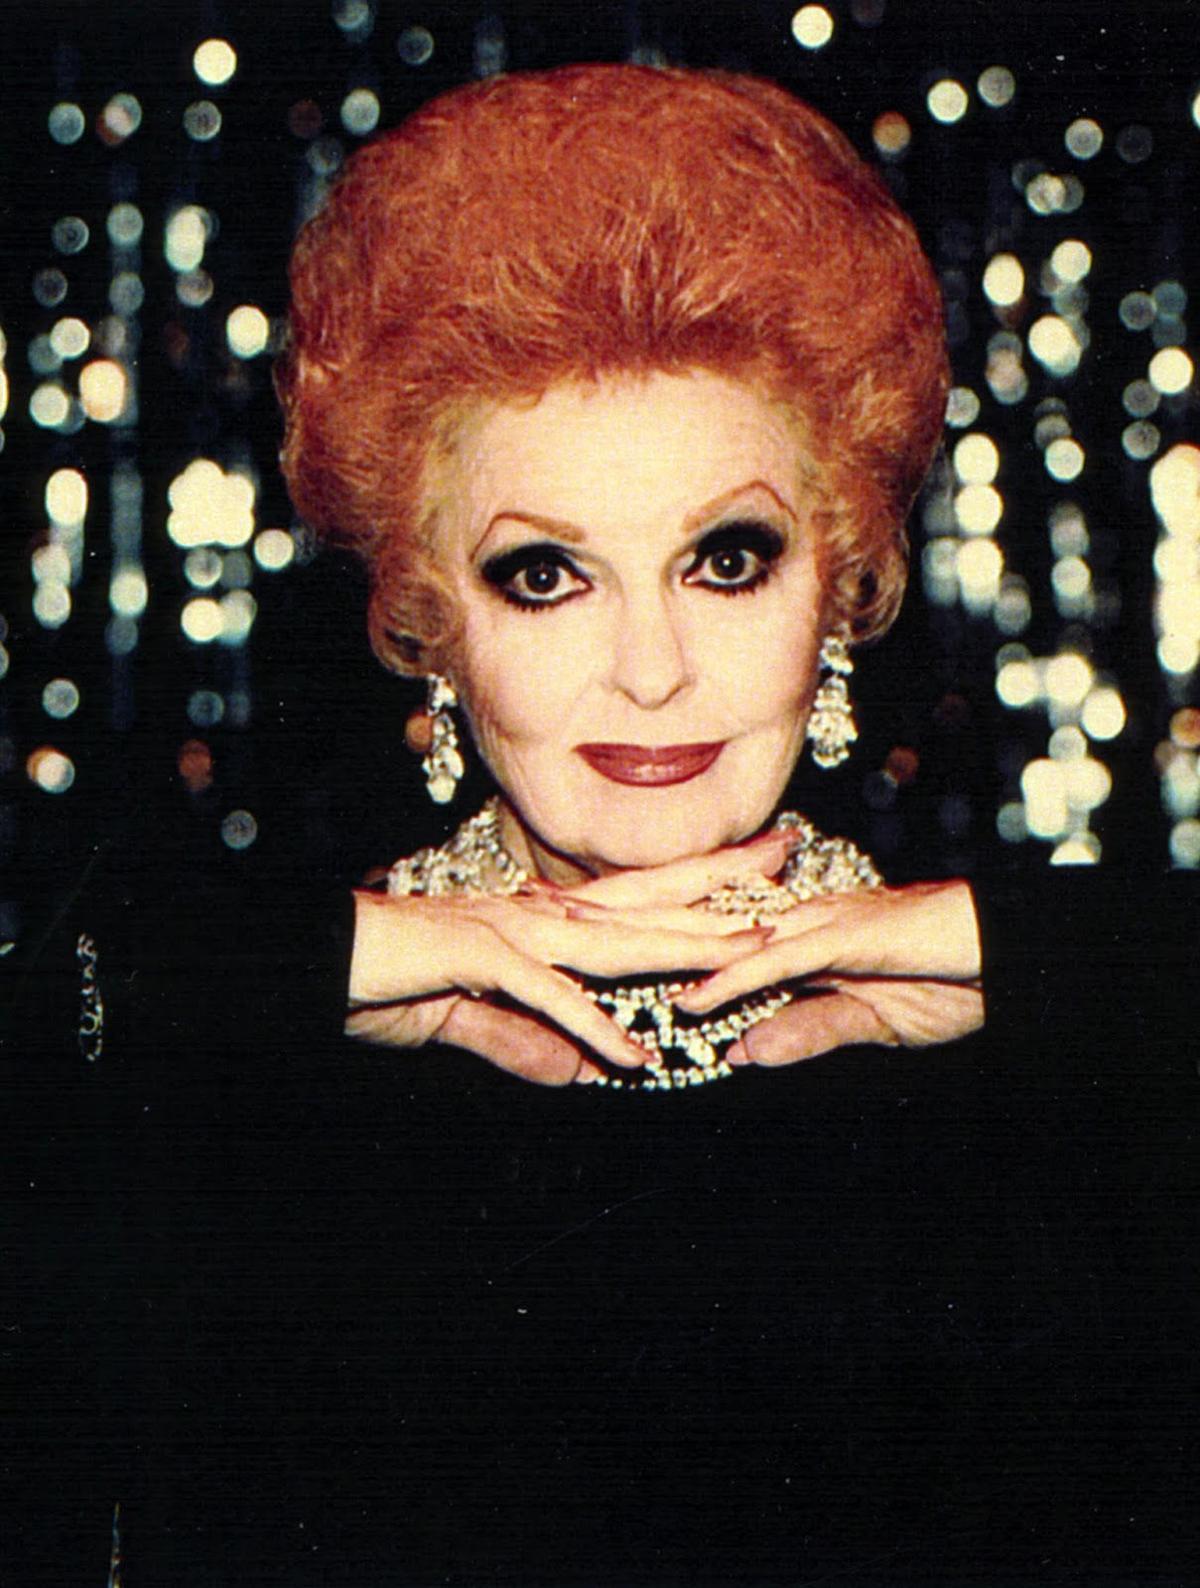 Baylor's Carole Cook still irrepressible at 93 | Sound